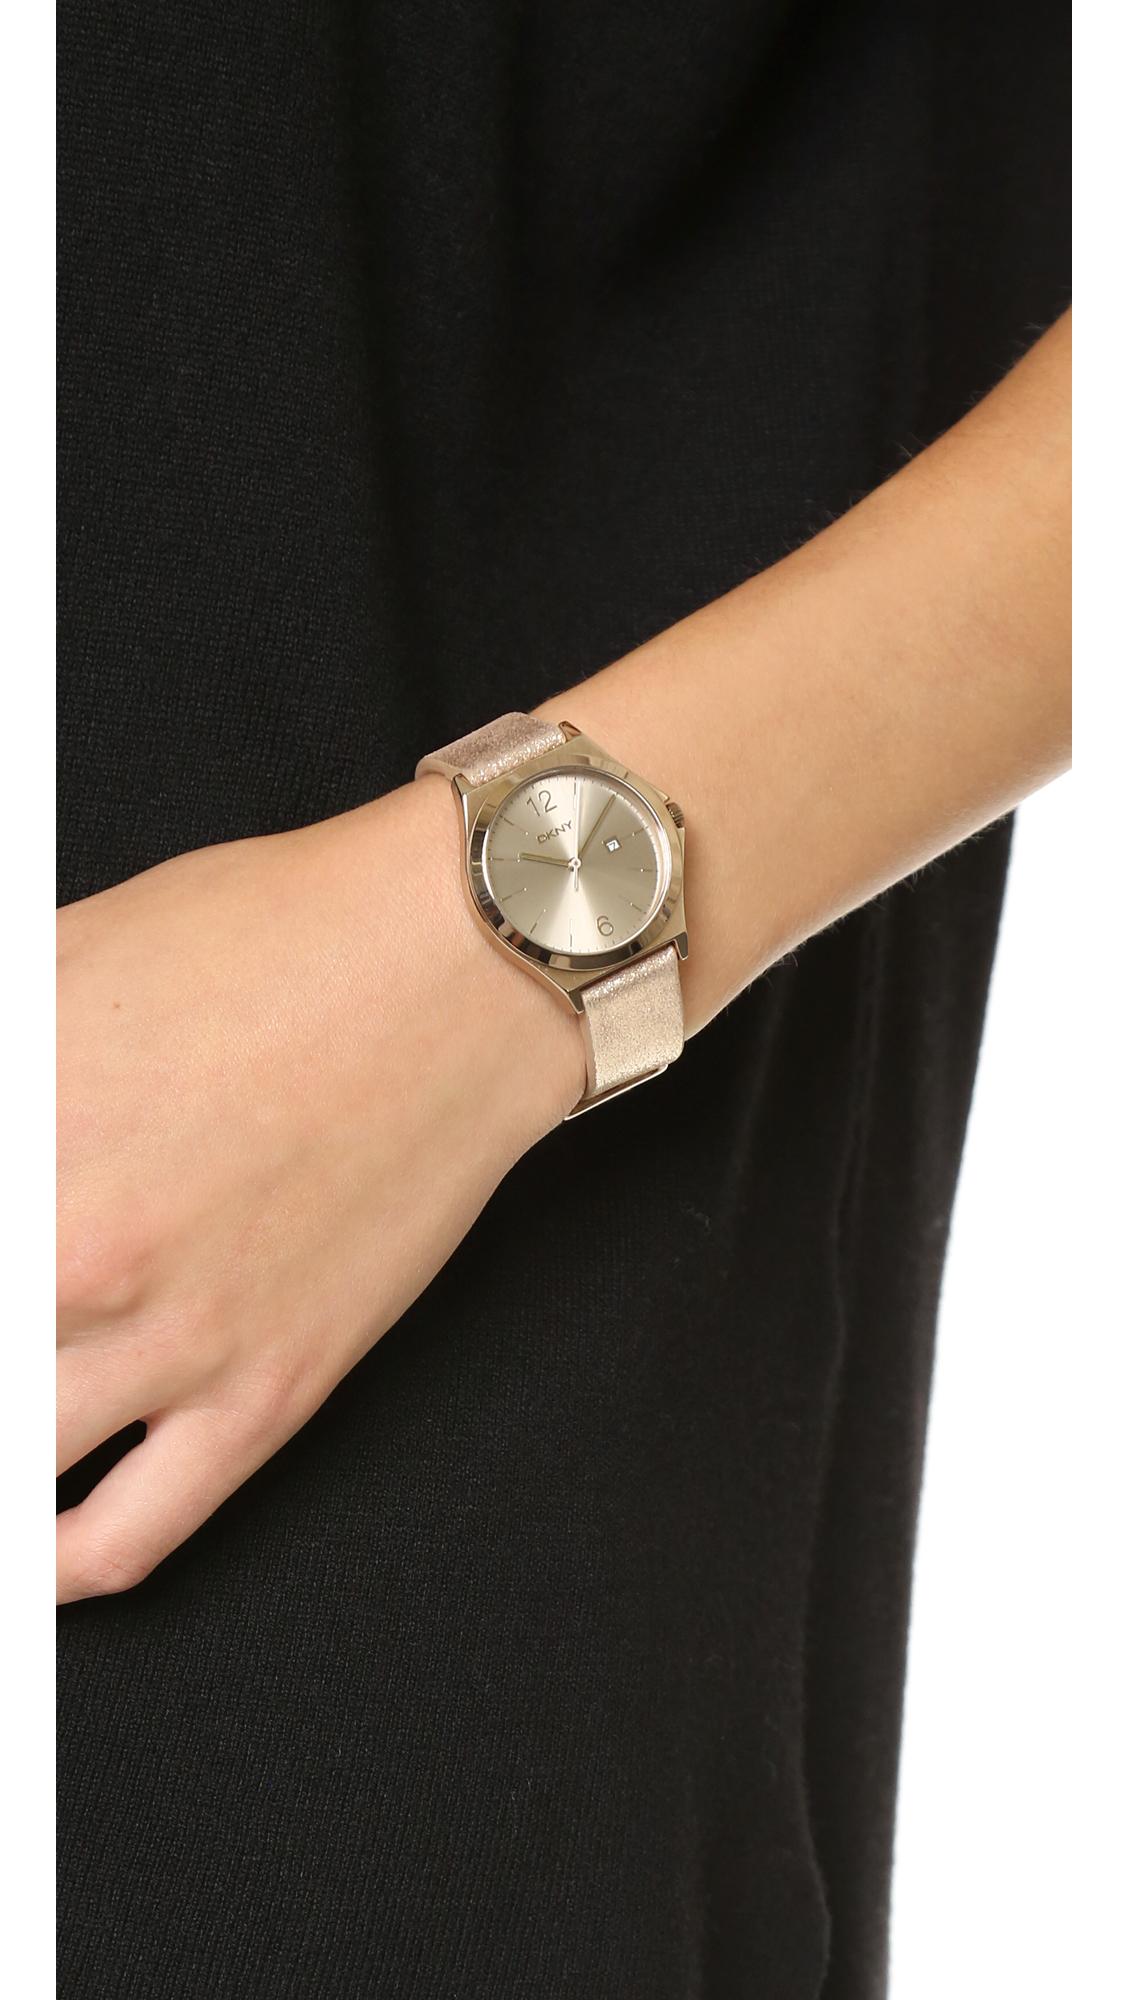 Lyst - Dkny Parsons Watch - Beige/gold in Metallic